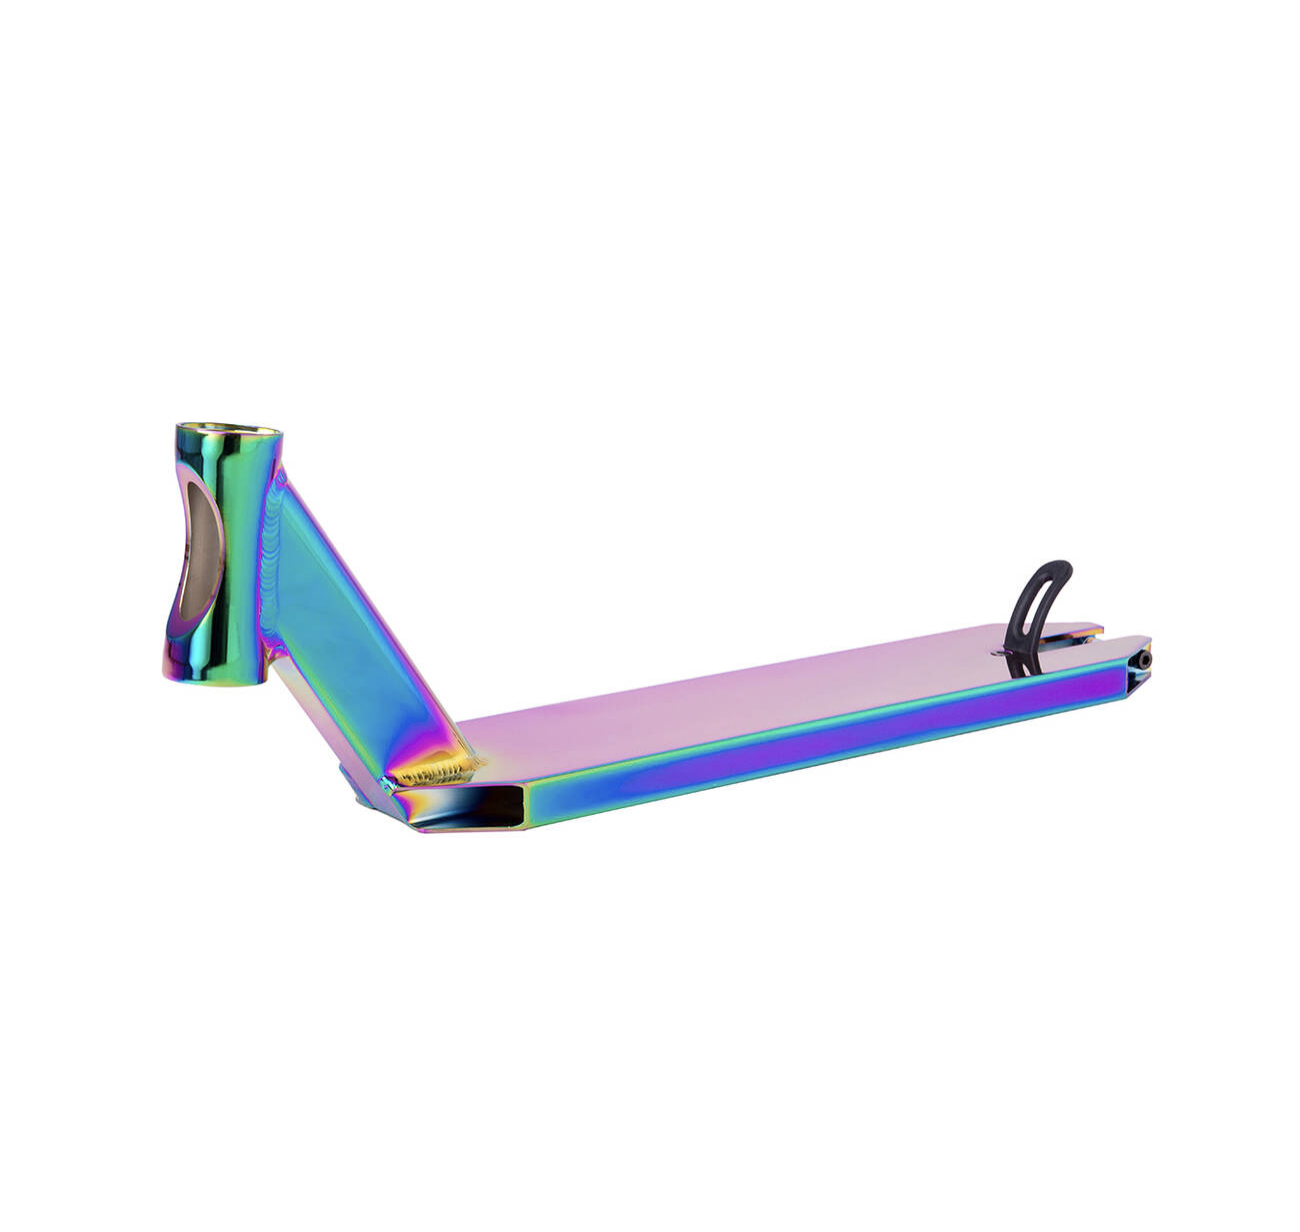 Striker Lux Deck